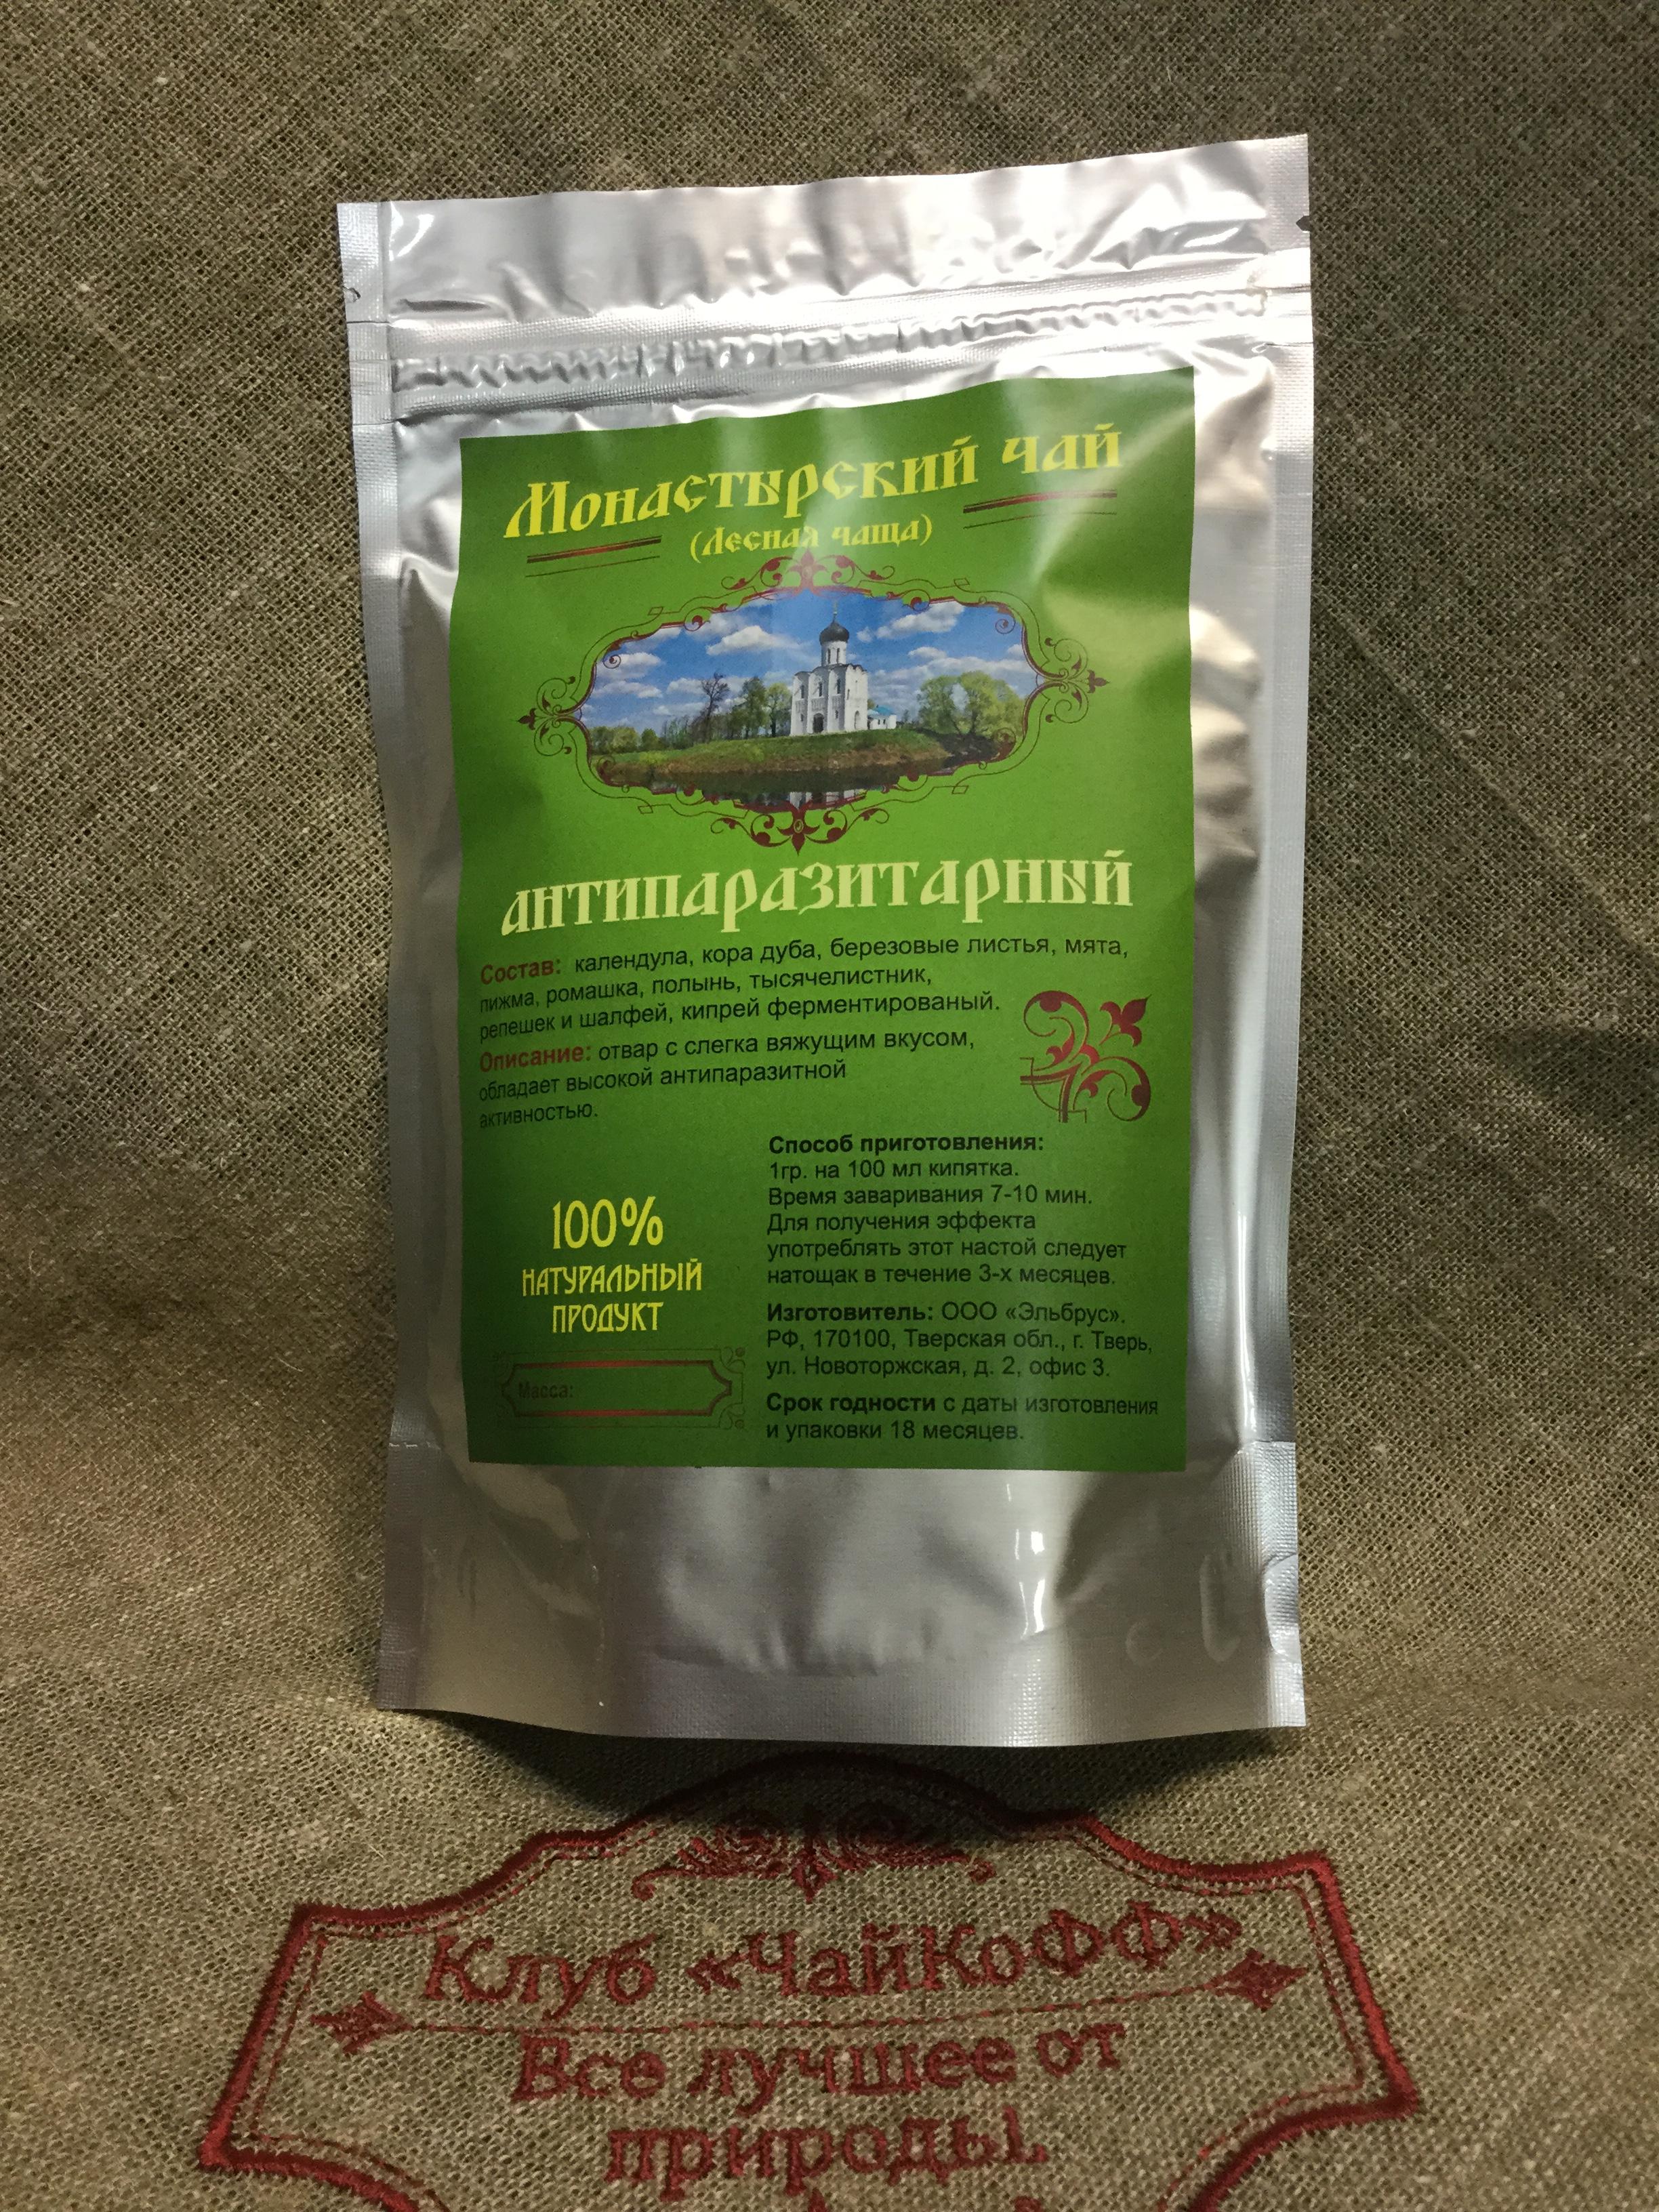 Антипаразитарный чай цена в аптеках